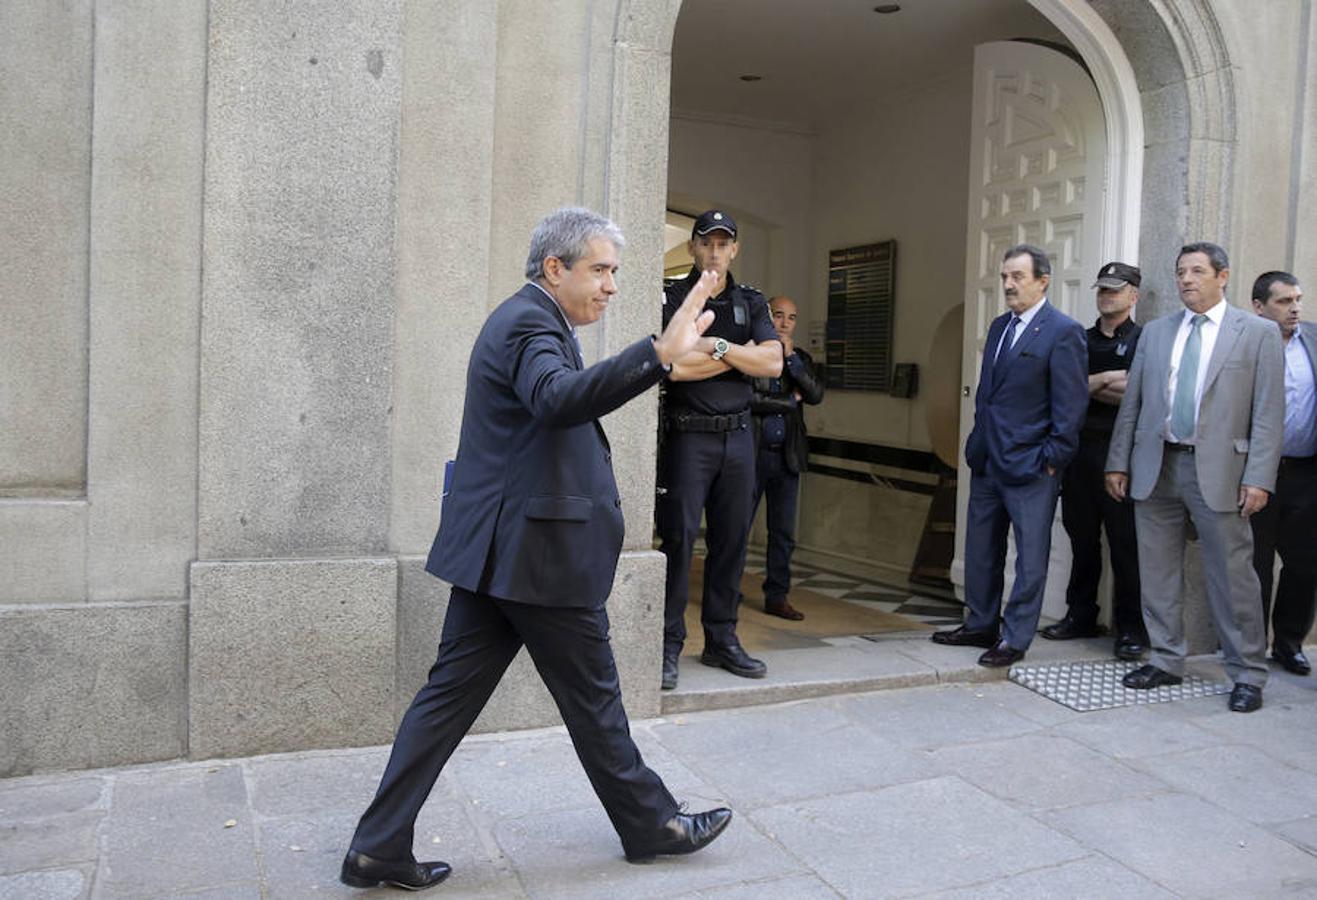 El exconseller Francesc Homs a su llegada al Tribunal Supremo donde ha declarado esta mañana como investigado por su papel en la consulta soberanista del 9N